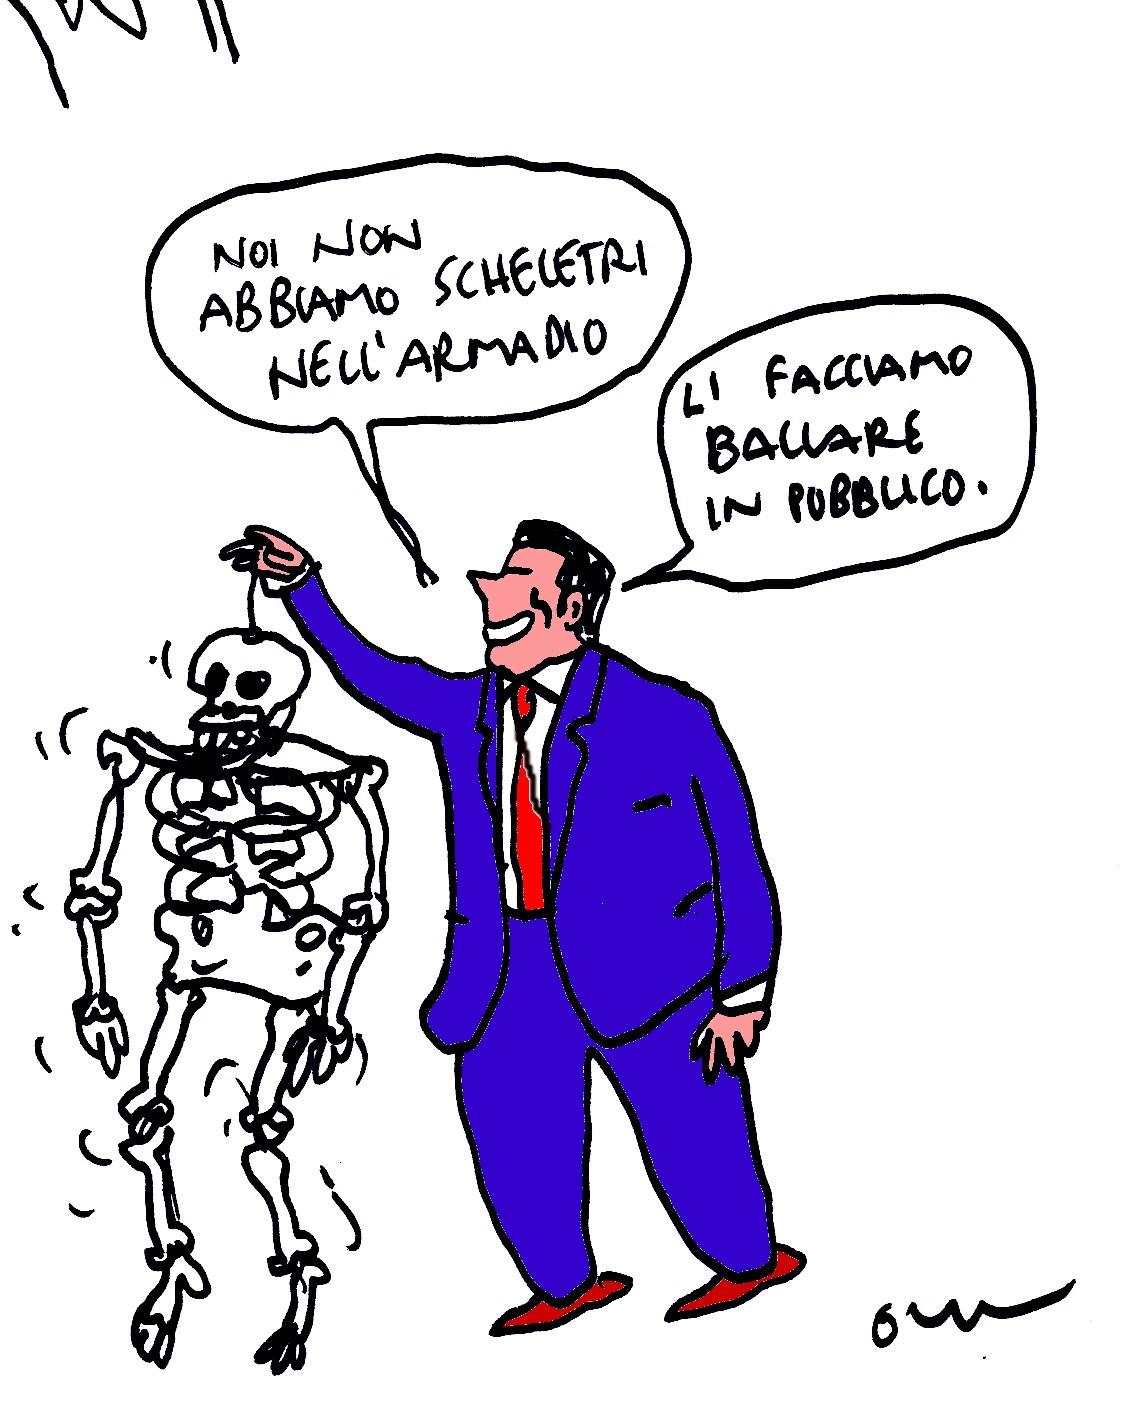 scheletri fuori armakdi